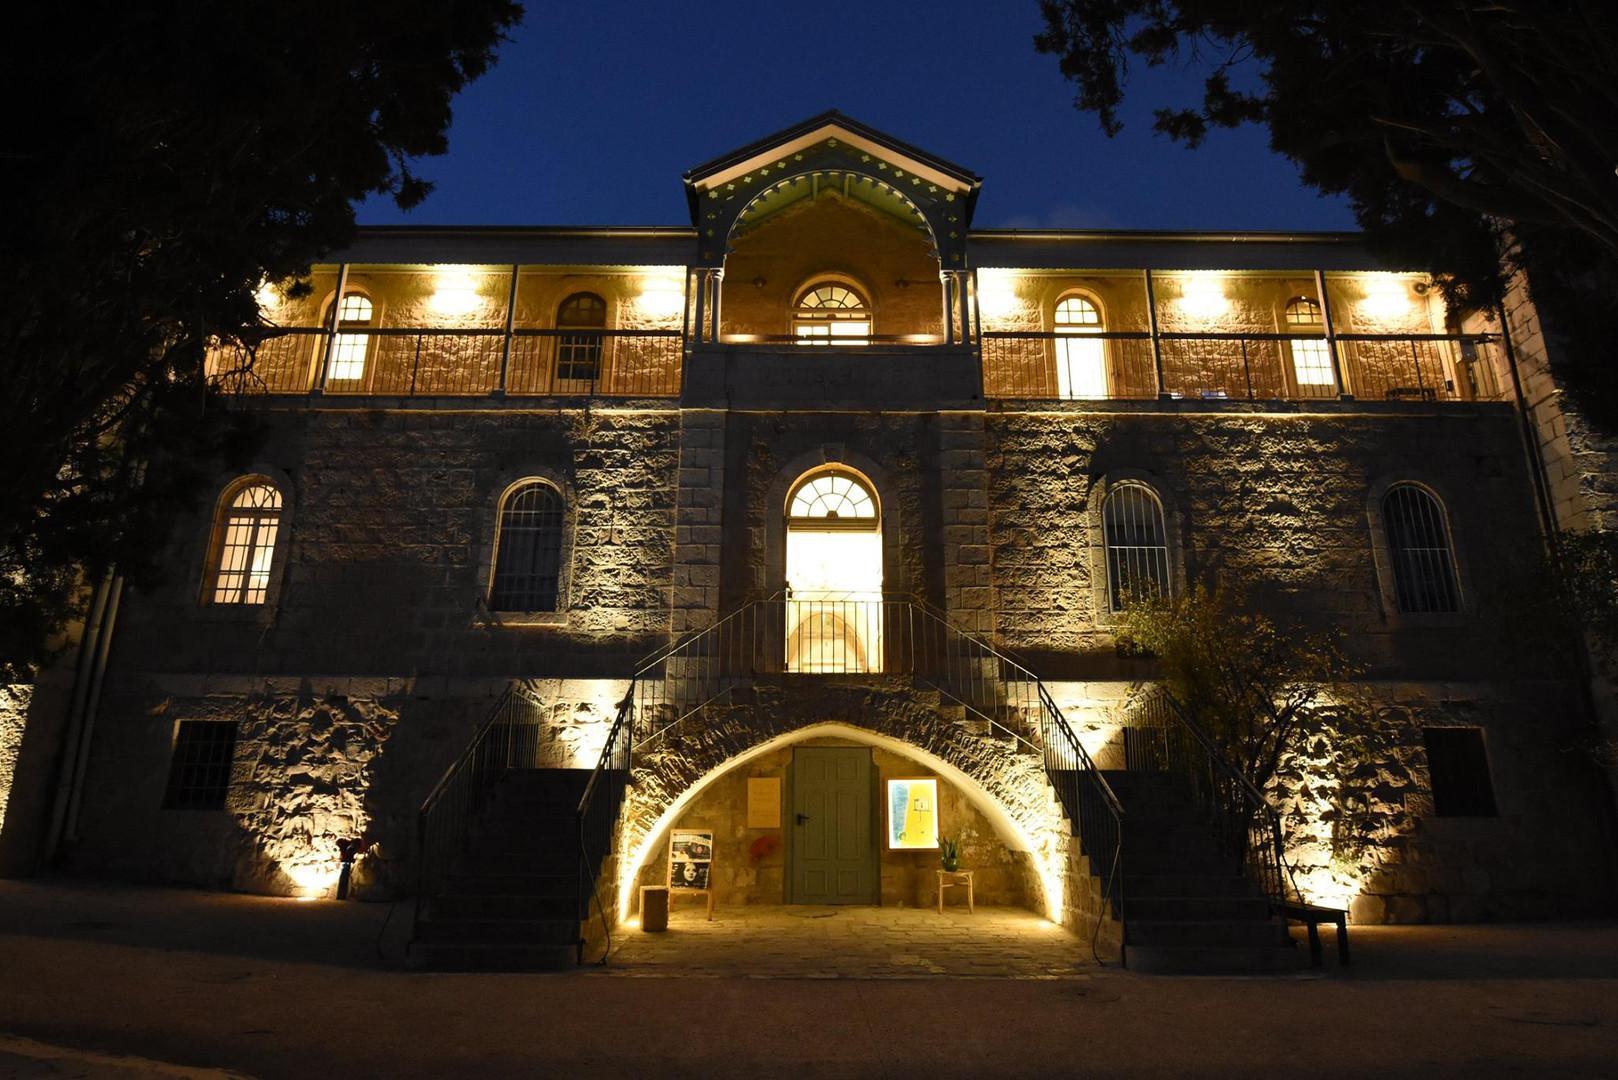 אלומות אור על הקיר הקדמי של בית-הנסן בירושלים